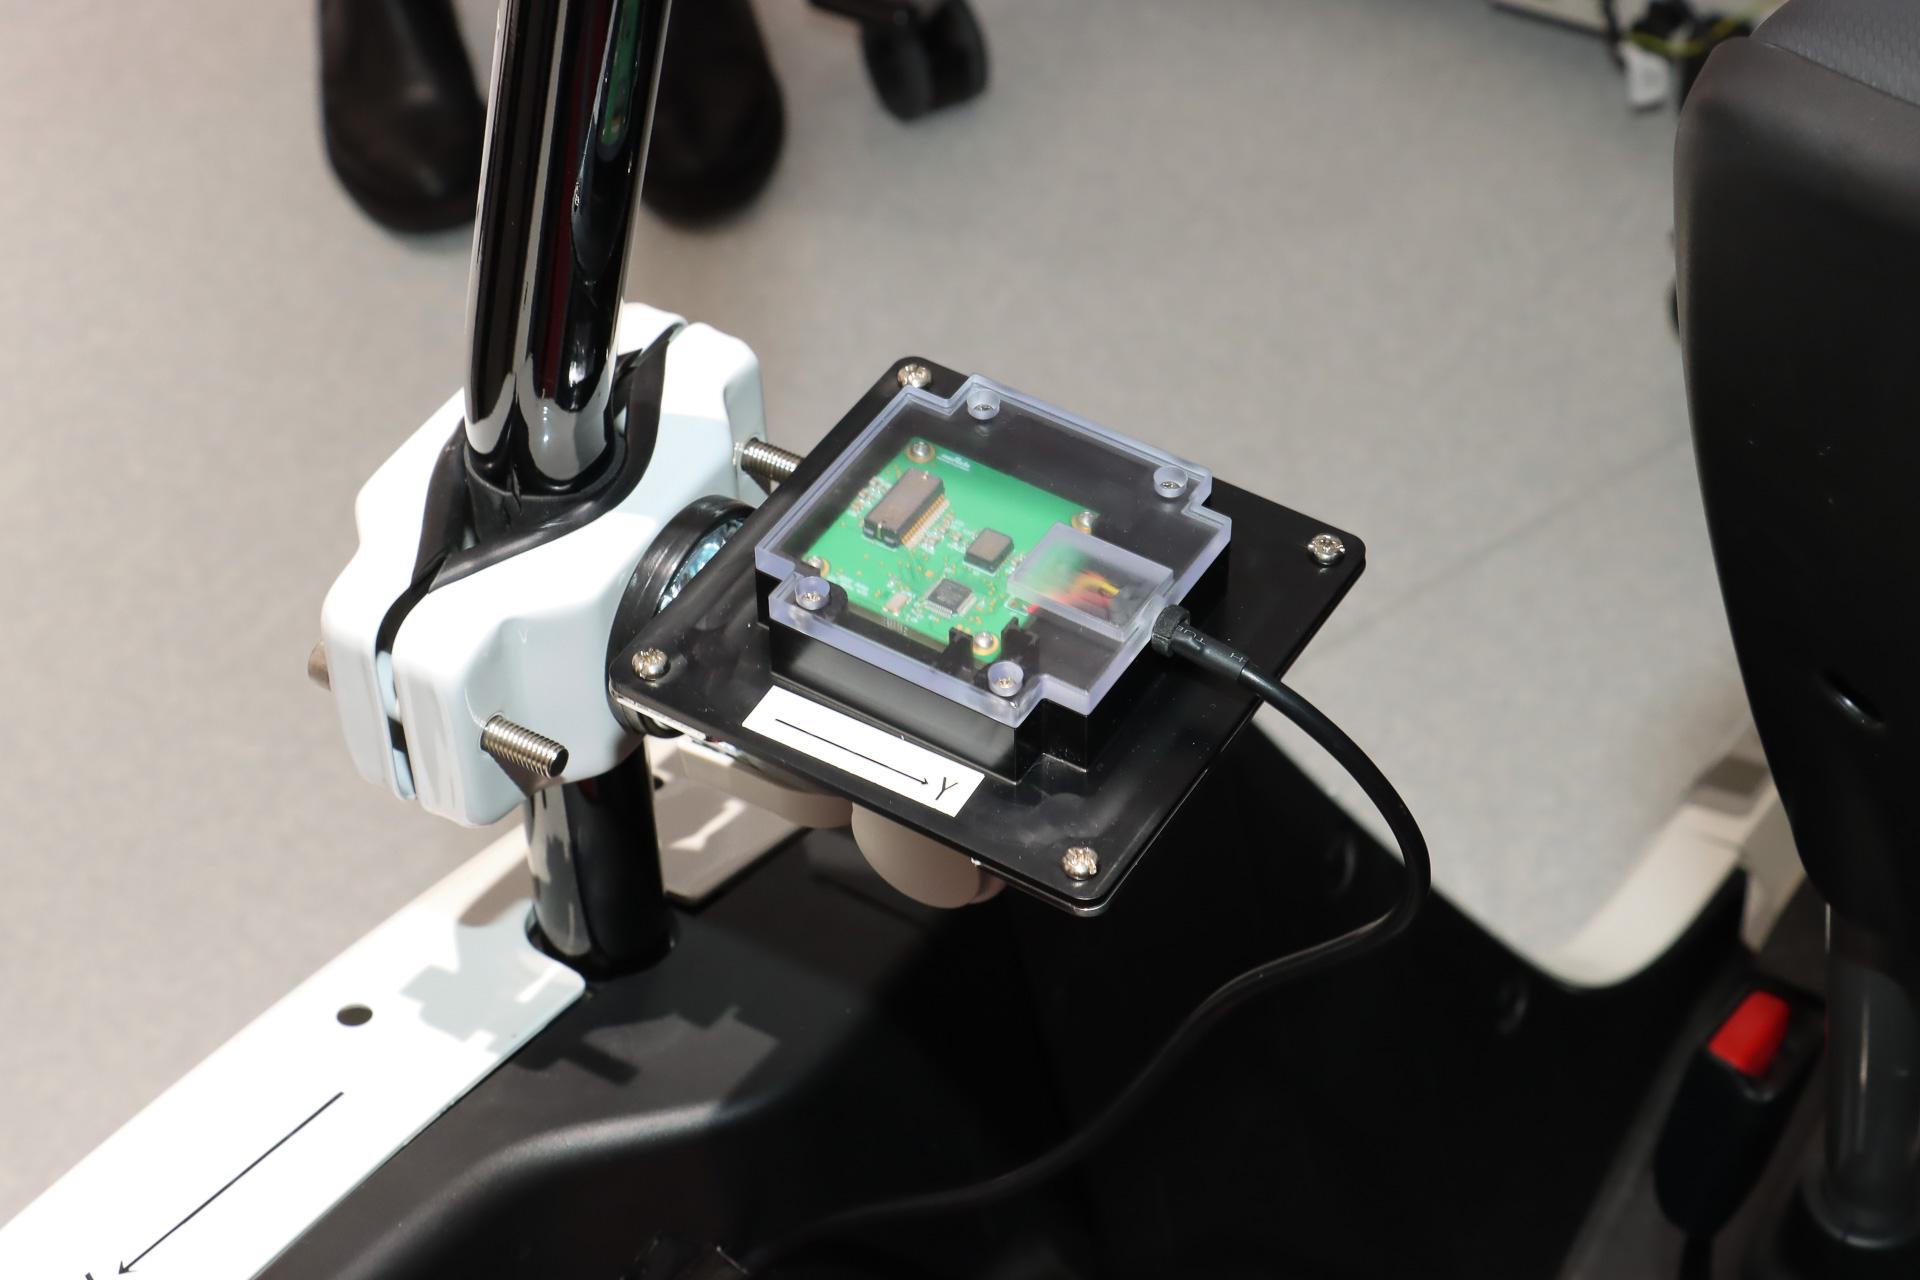 1つのチップで加速度センサーとジャイロセンサーの6軸情報を検出可能なコンボセンサー。精度と感度の高さもアピールポイントで、すでに量産が開始されている製品